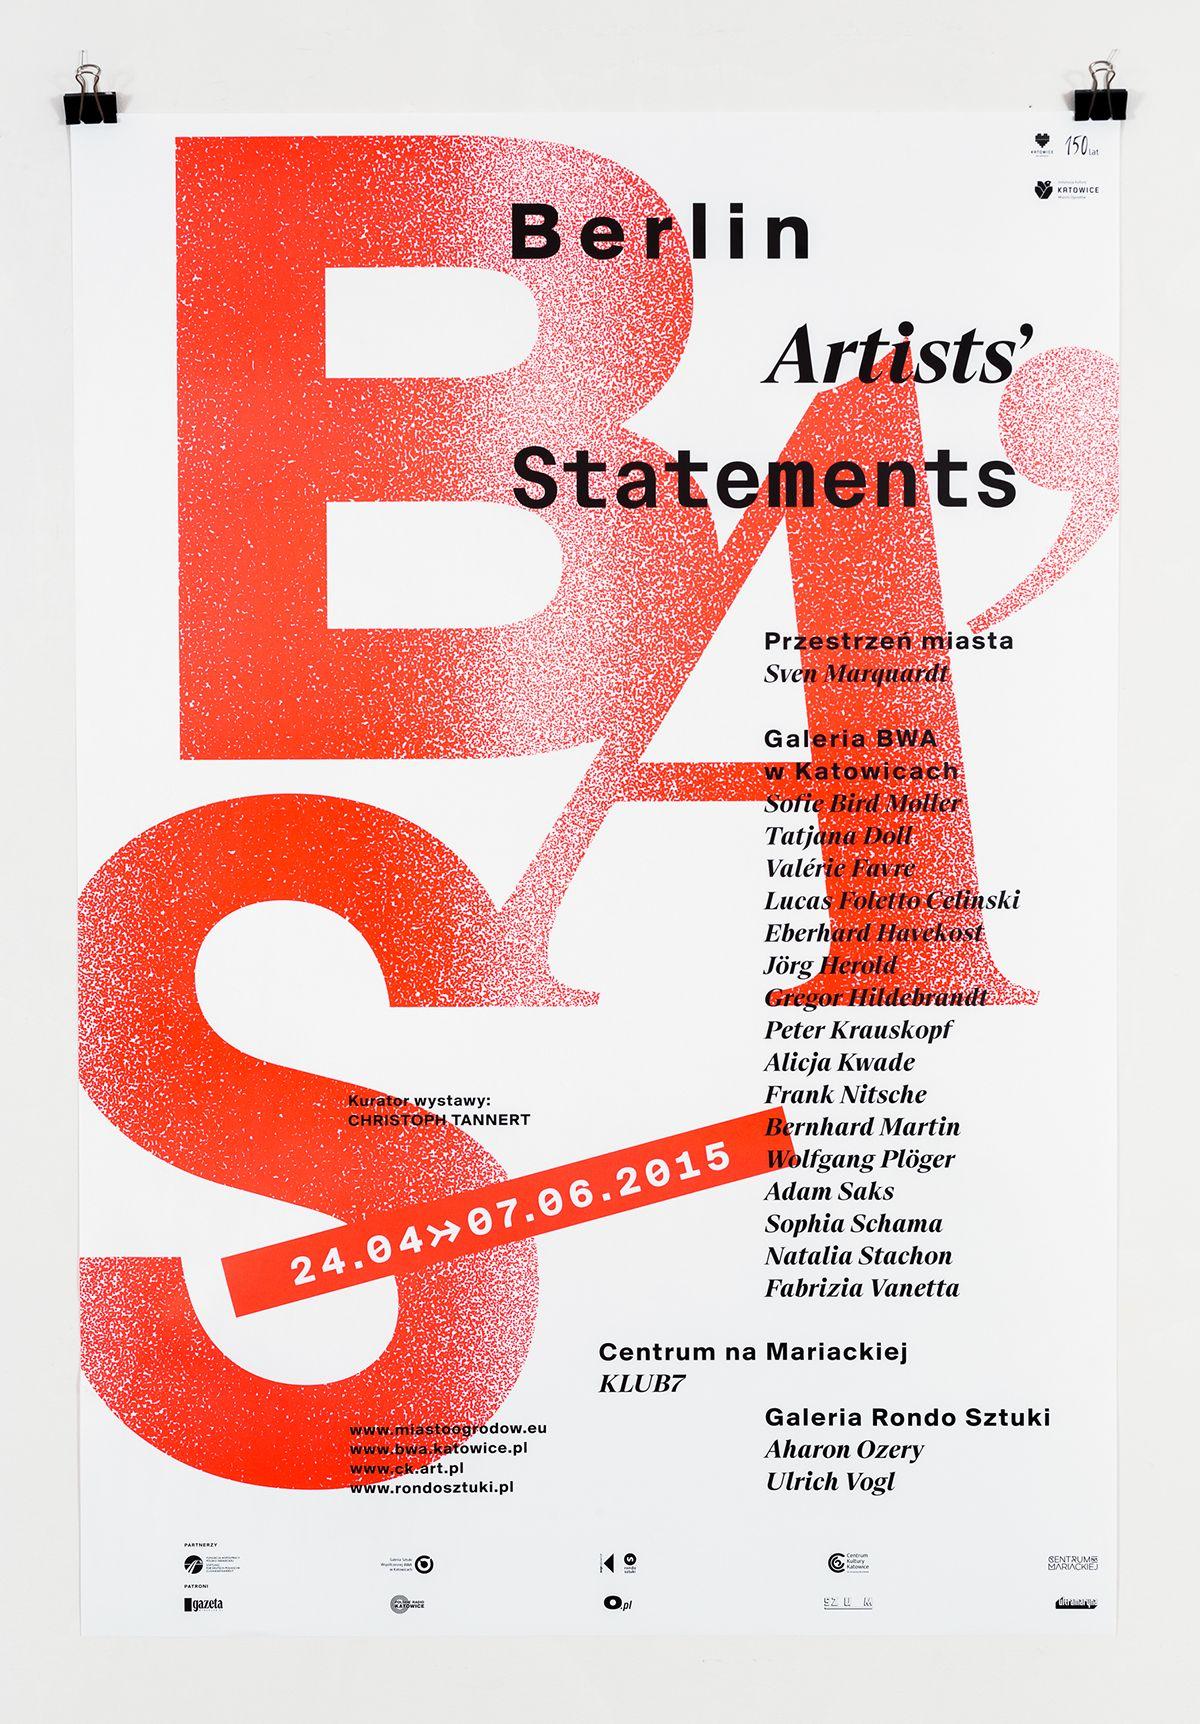 Berlin Artists' Statements on Behance Artist statement